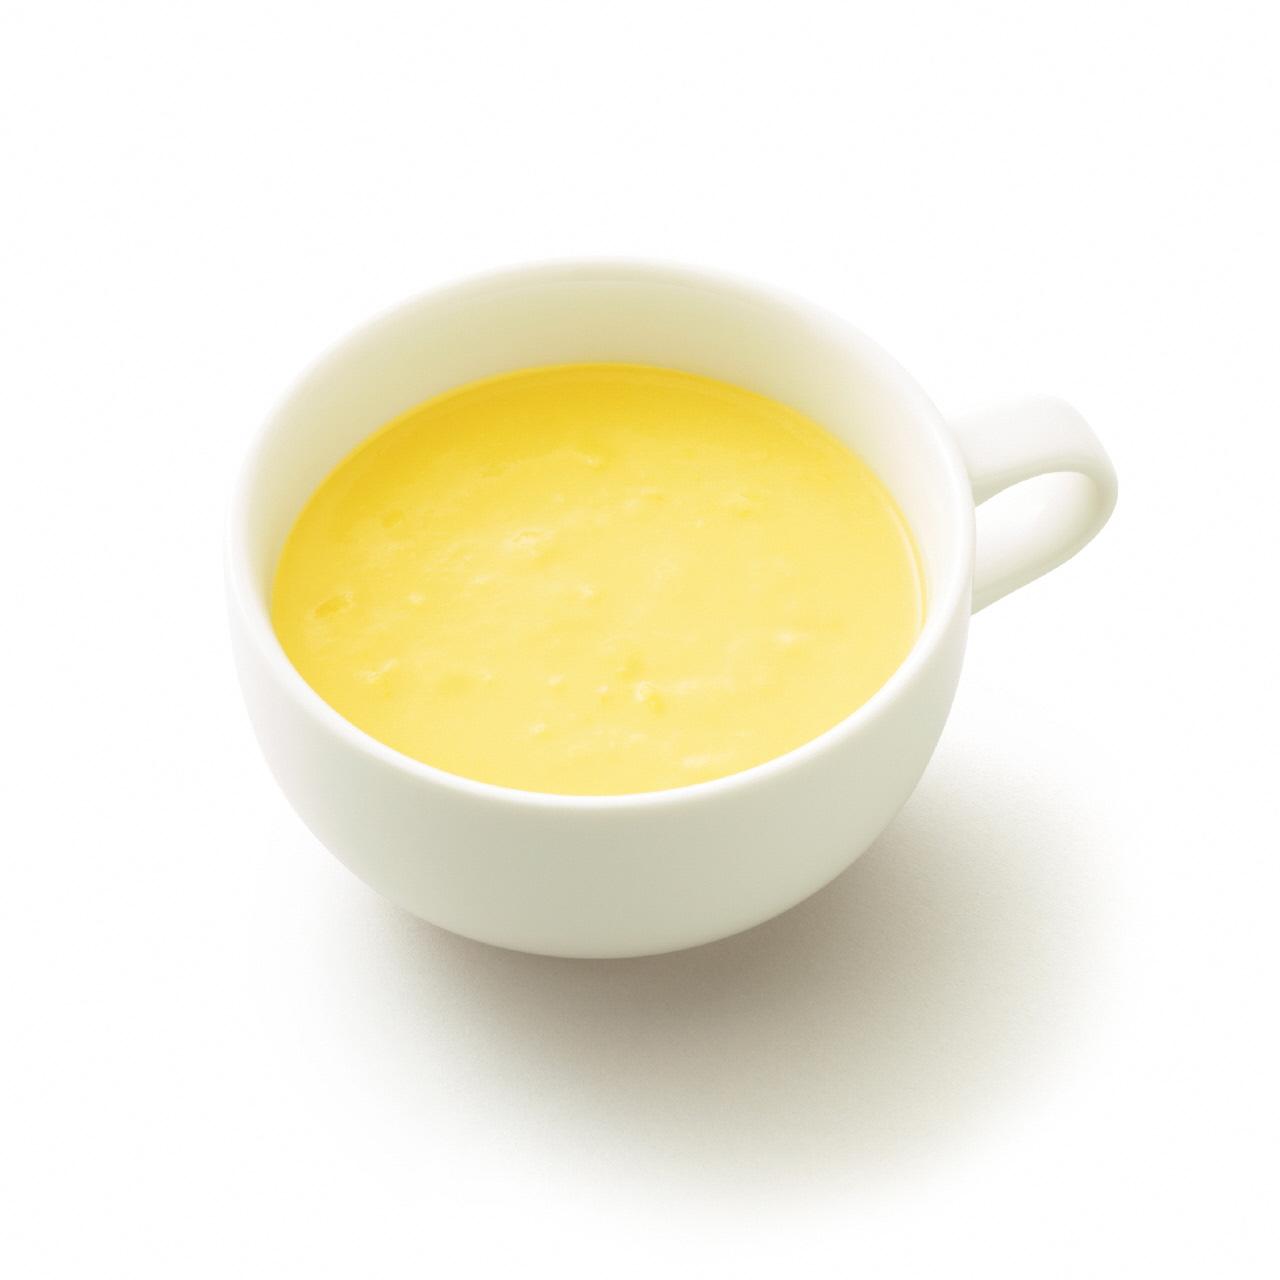 コーンスープ 北海道産コーン使用